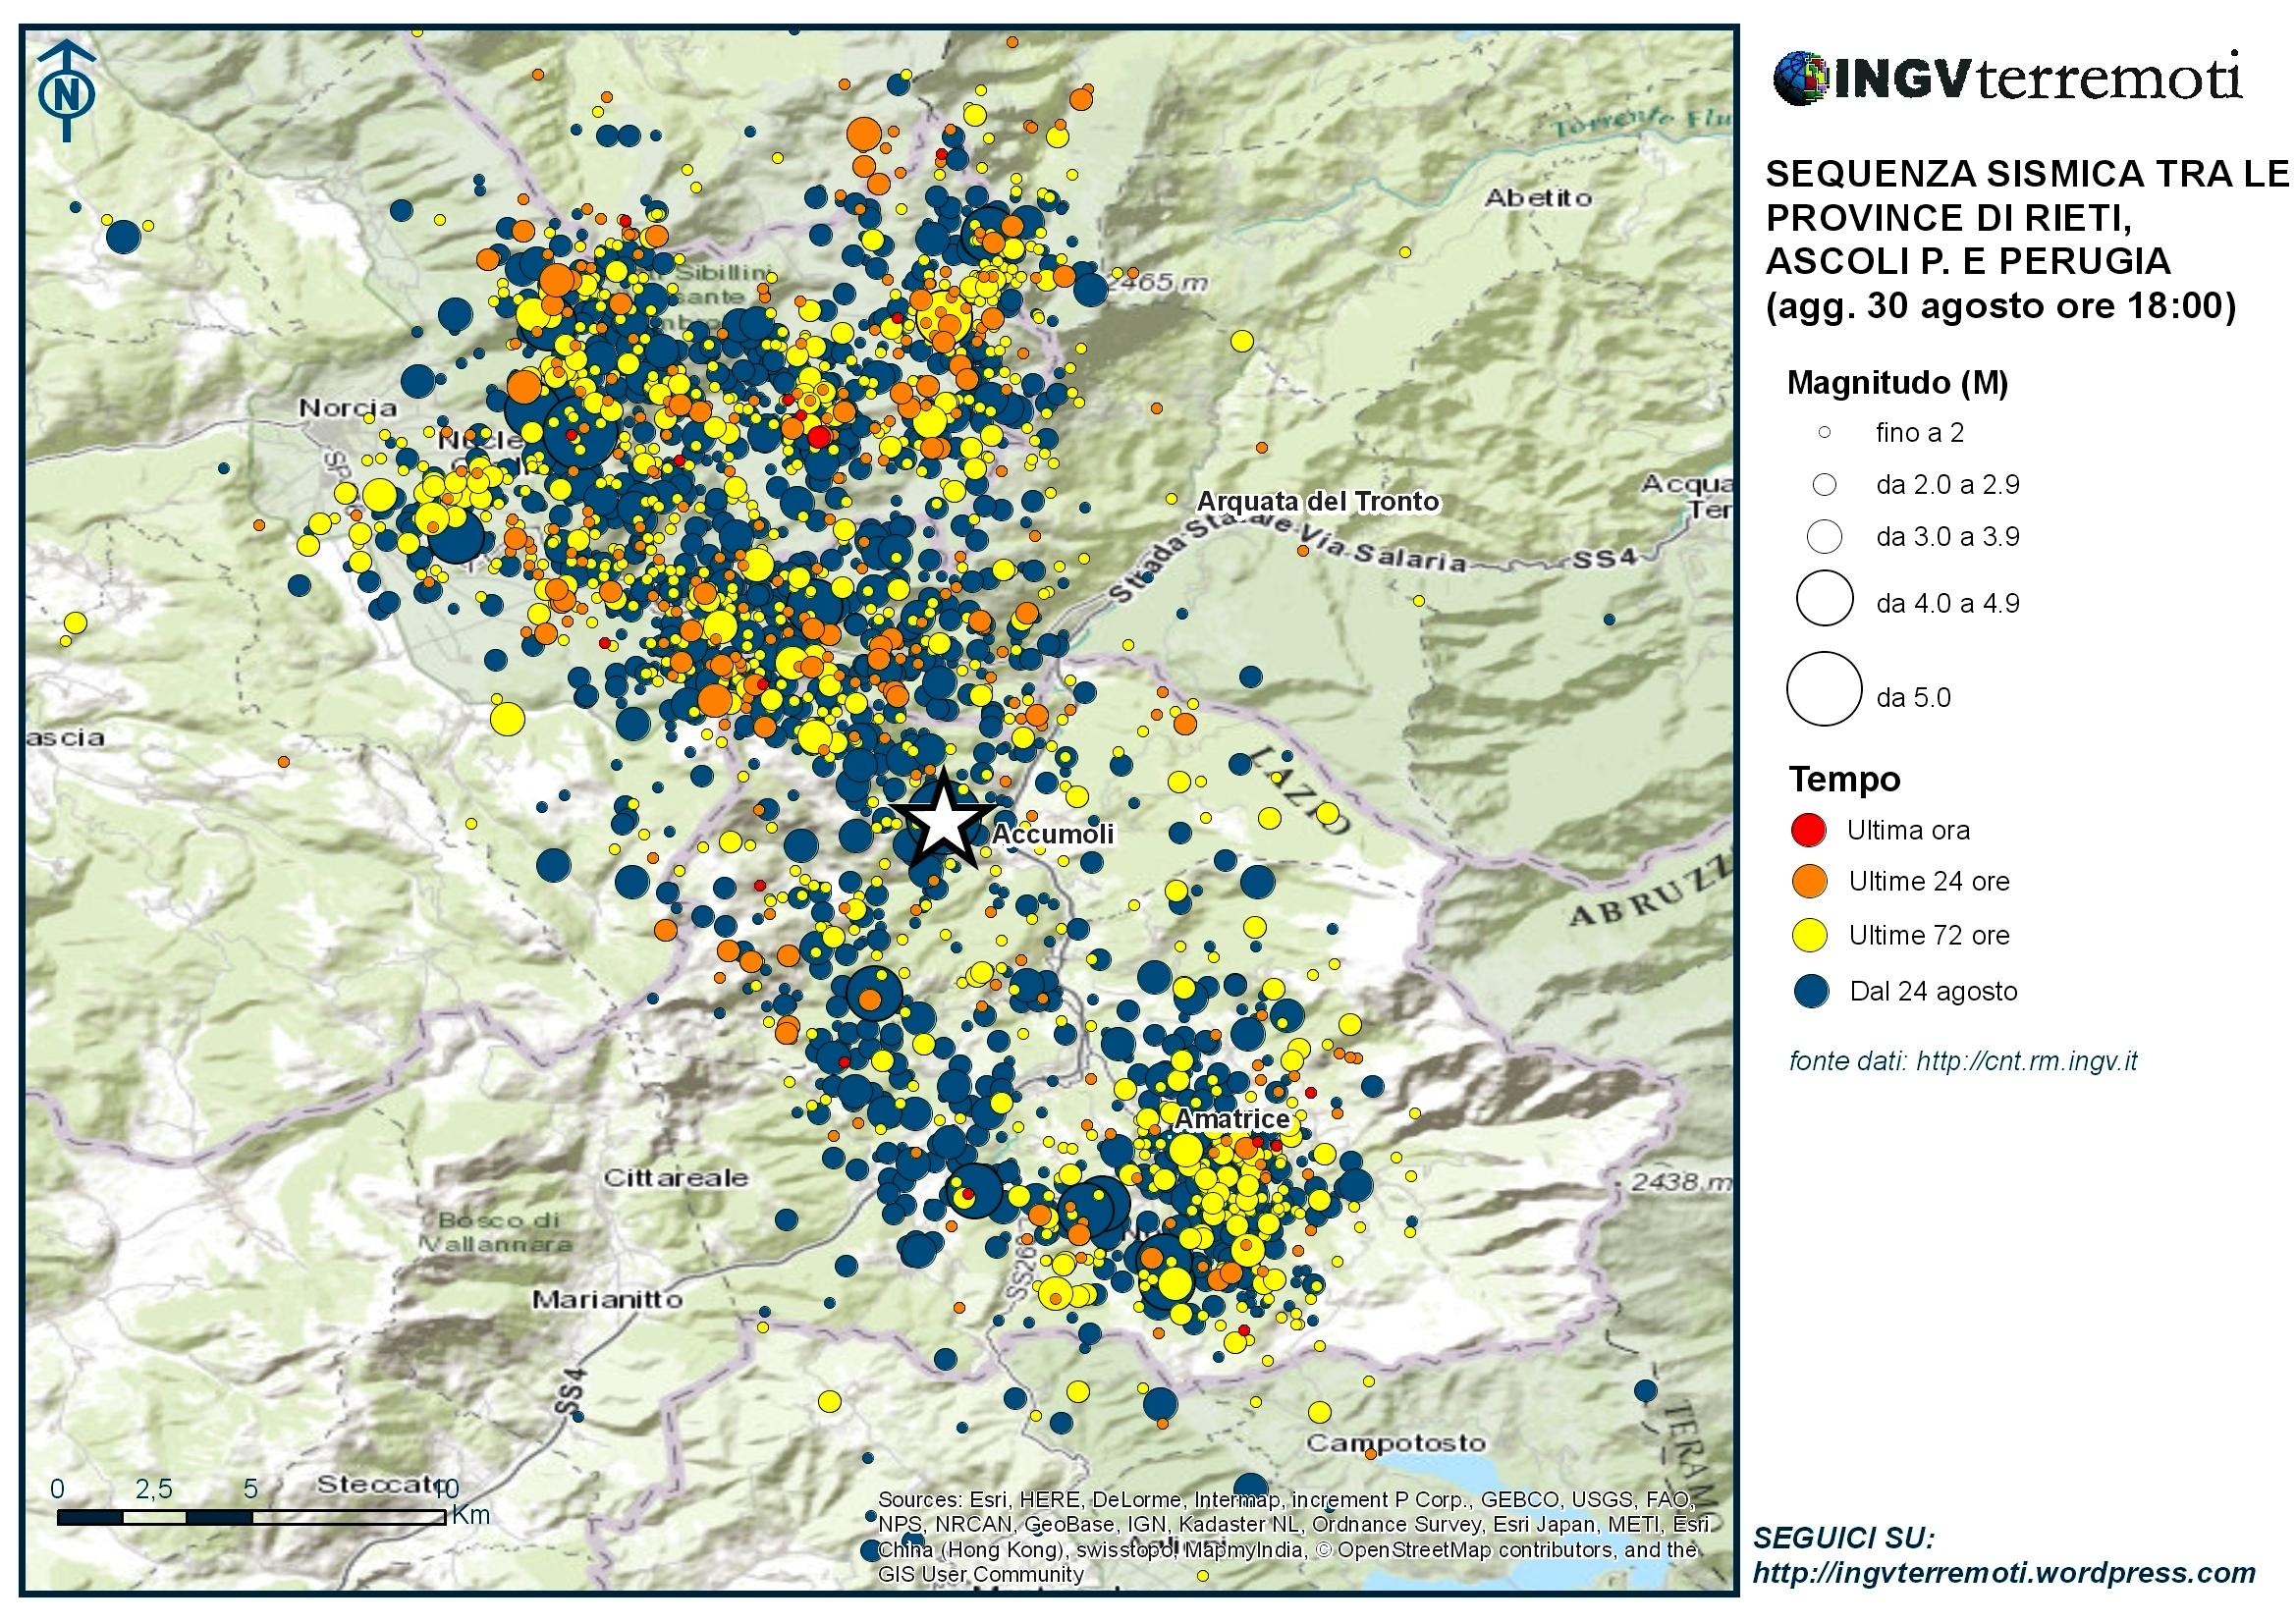 Sequenza sismica province di Rieti, Perugia, Ascoli P., L'Aquila e Teramo: aggiornamento ore 18.00 – 30 agosto